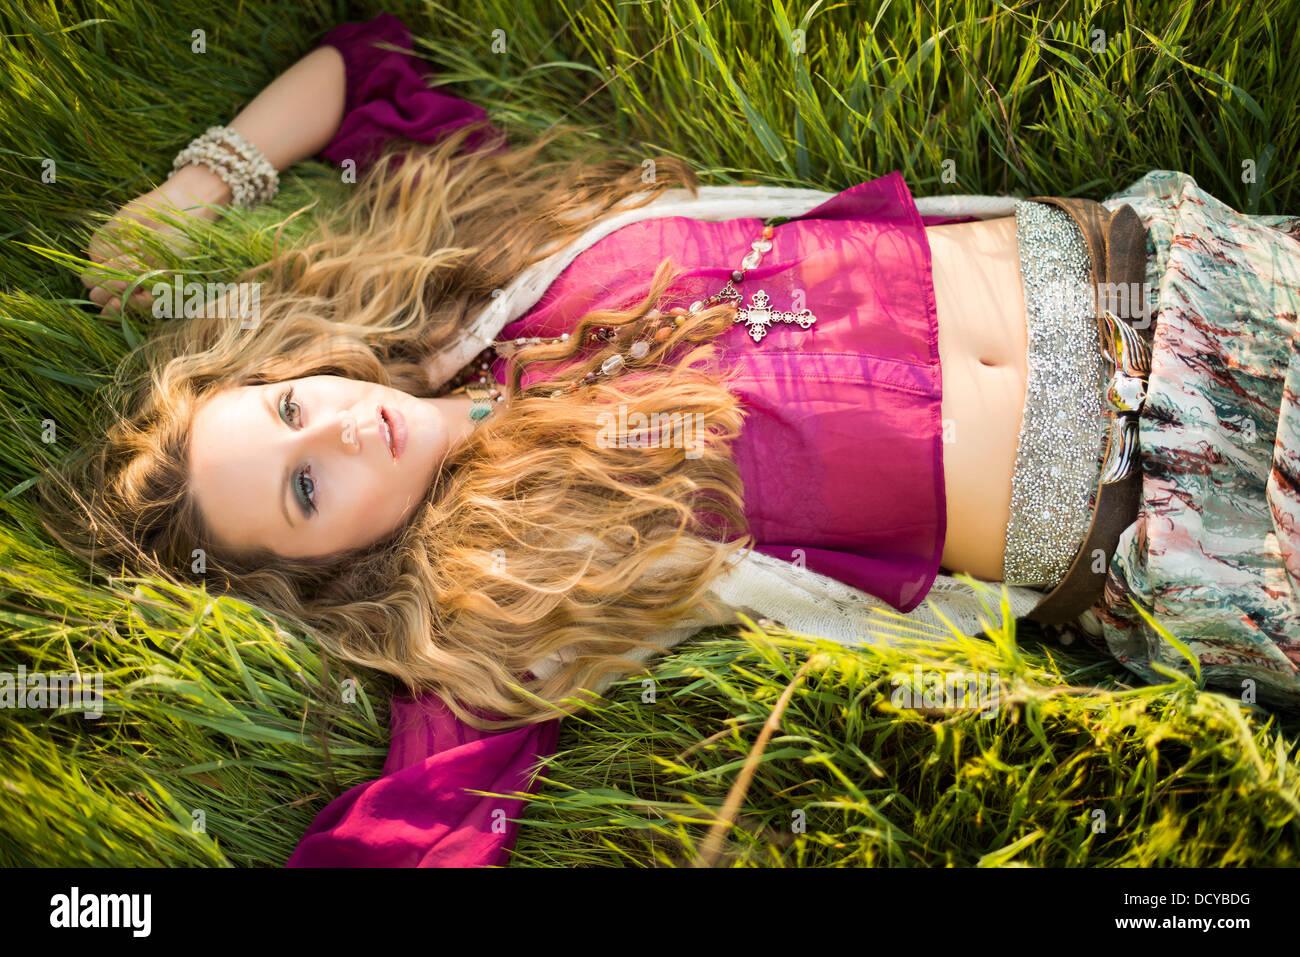 Donna sdraiata in erba lunga Foto Stock